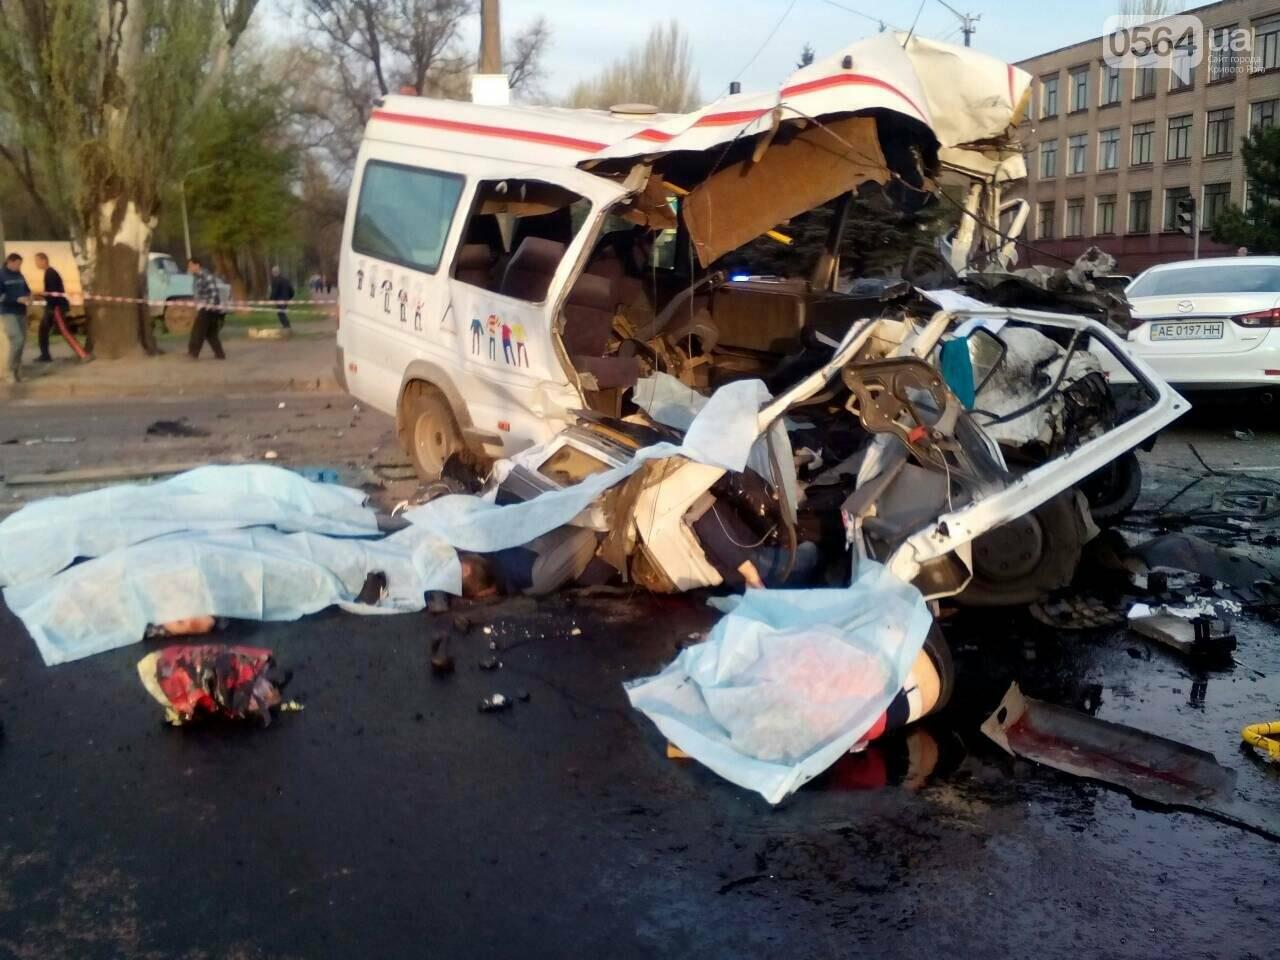 В Кривом Роге: в больнице умер мужчина, пострадавший в ДТП, помолились за погибших в страшной аварии, штрафовали нарушителей ПДД, фото-1